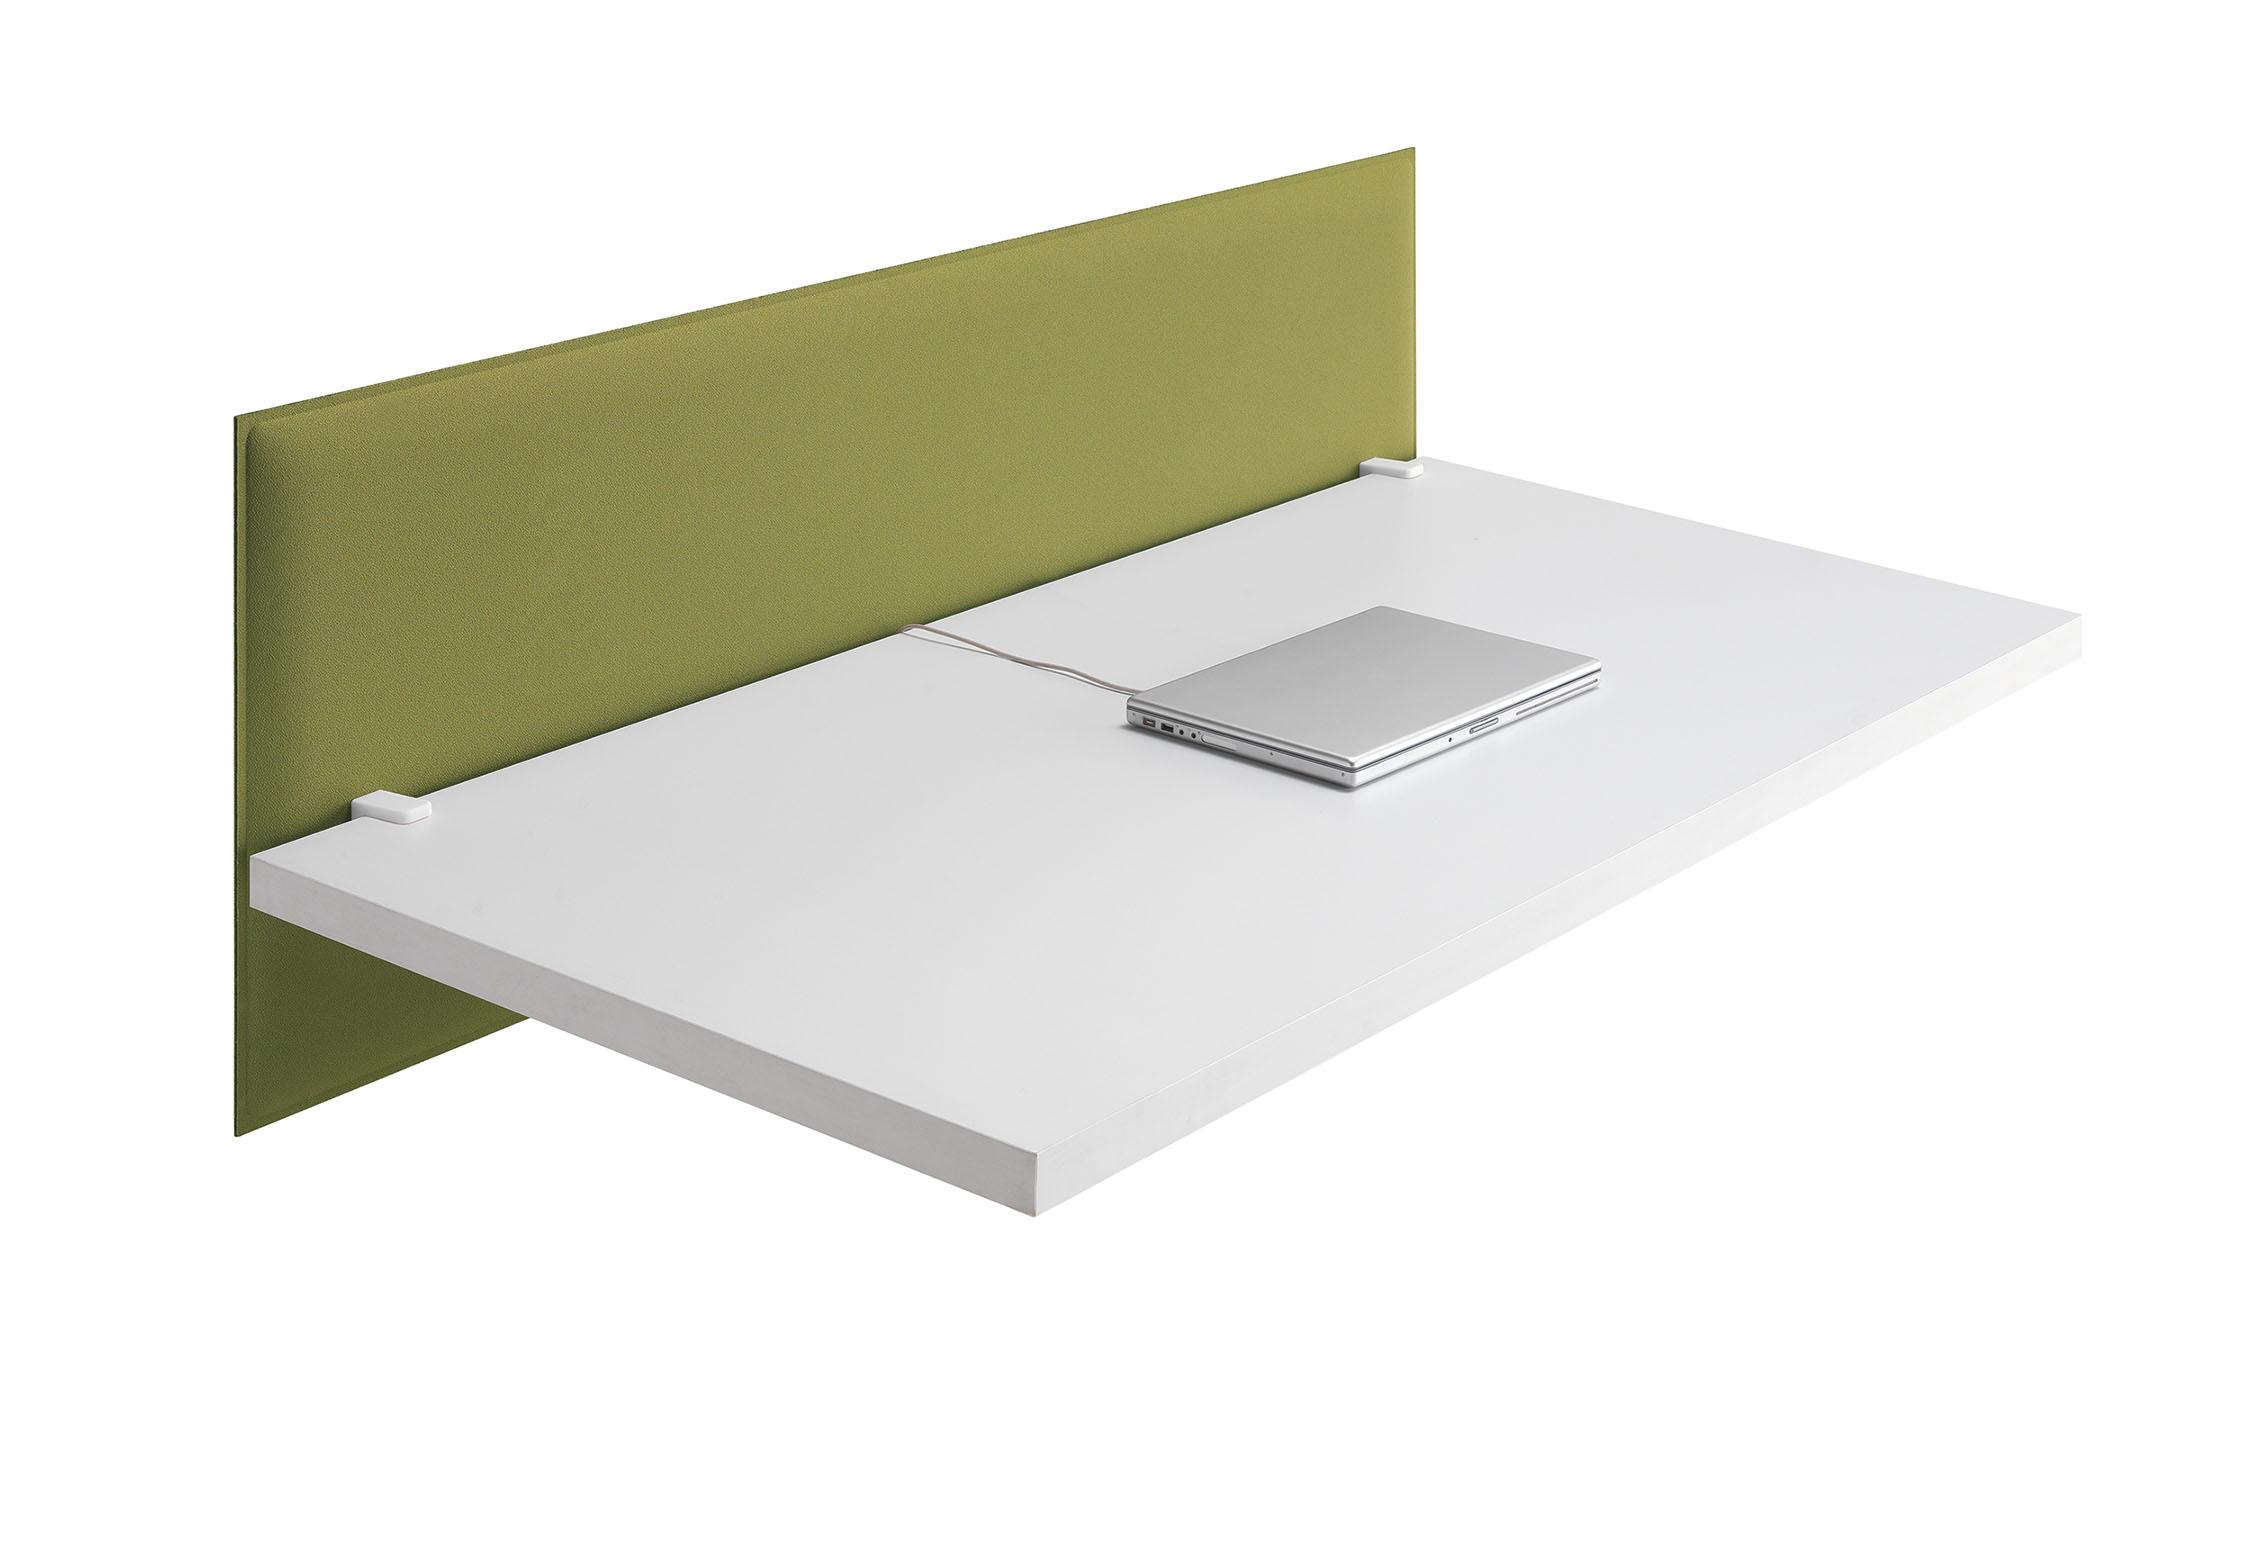 CAIMI Caimi Snowfront Desk - Gamme de panneaux acoustiques pour bureaux